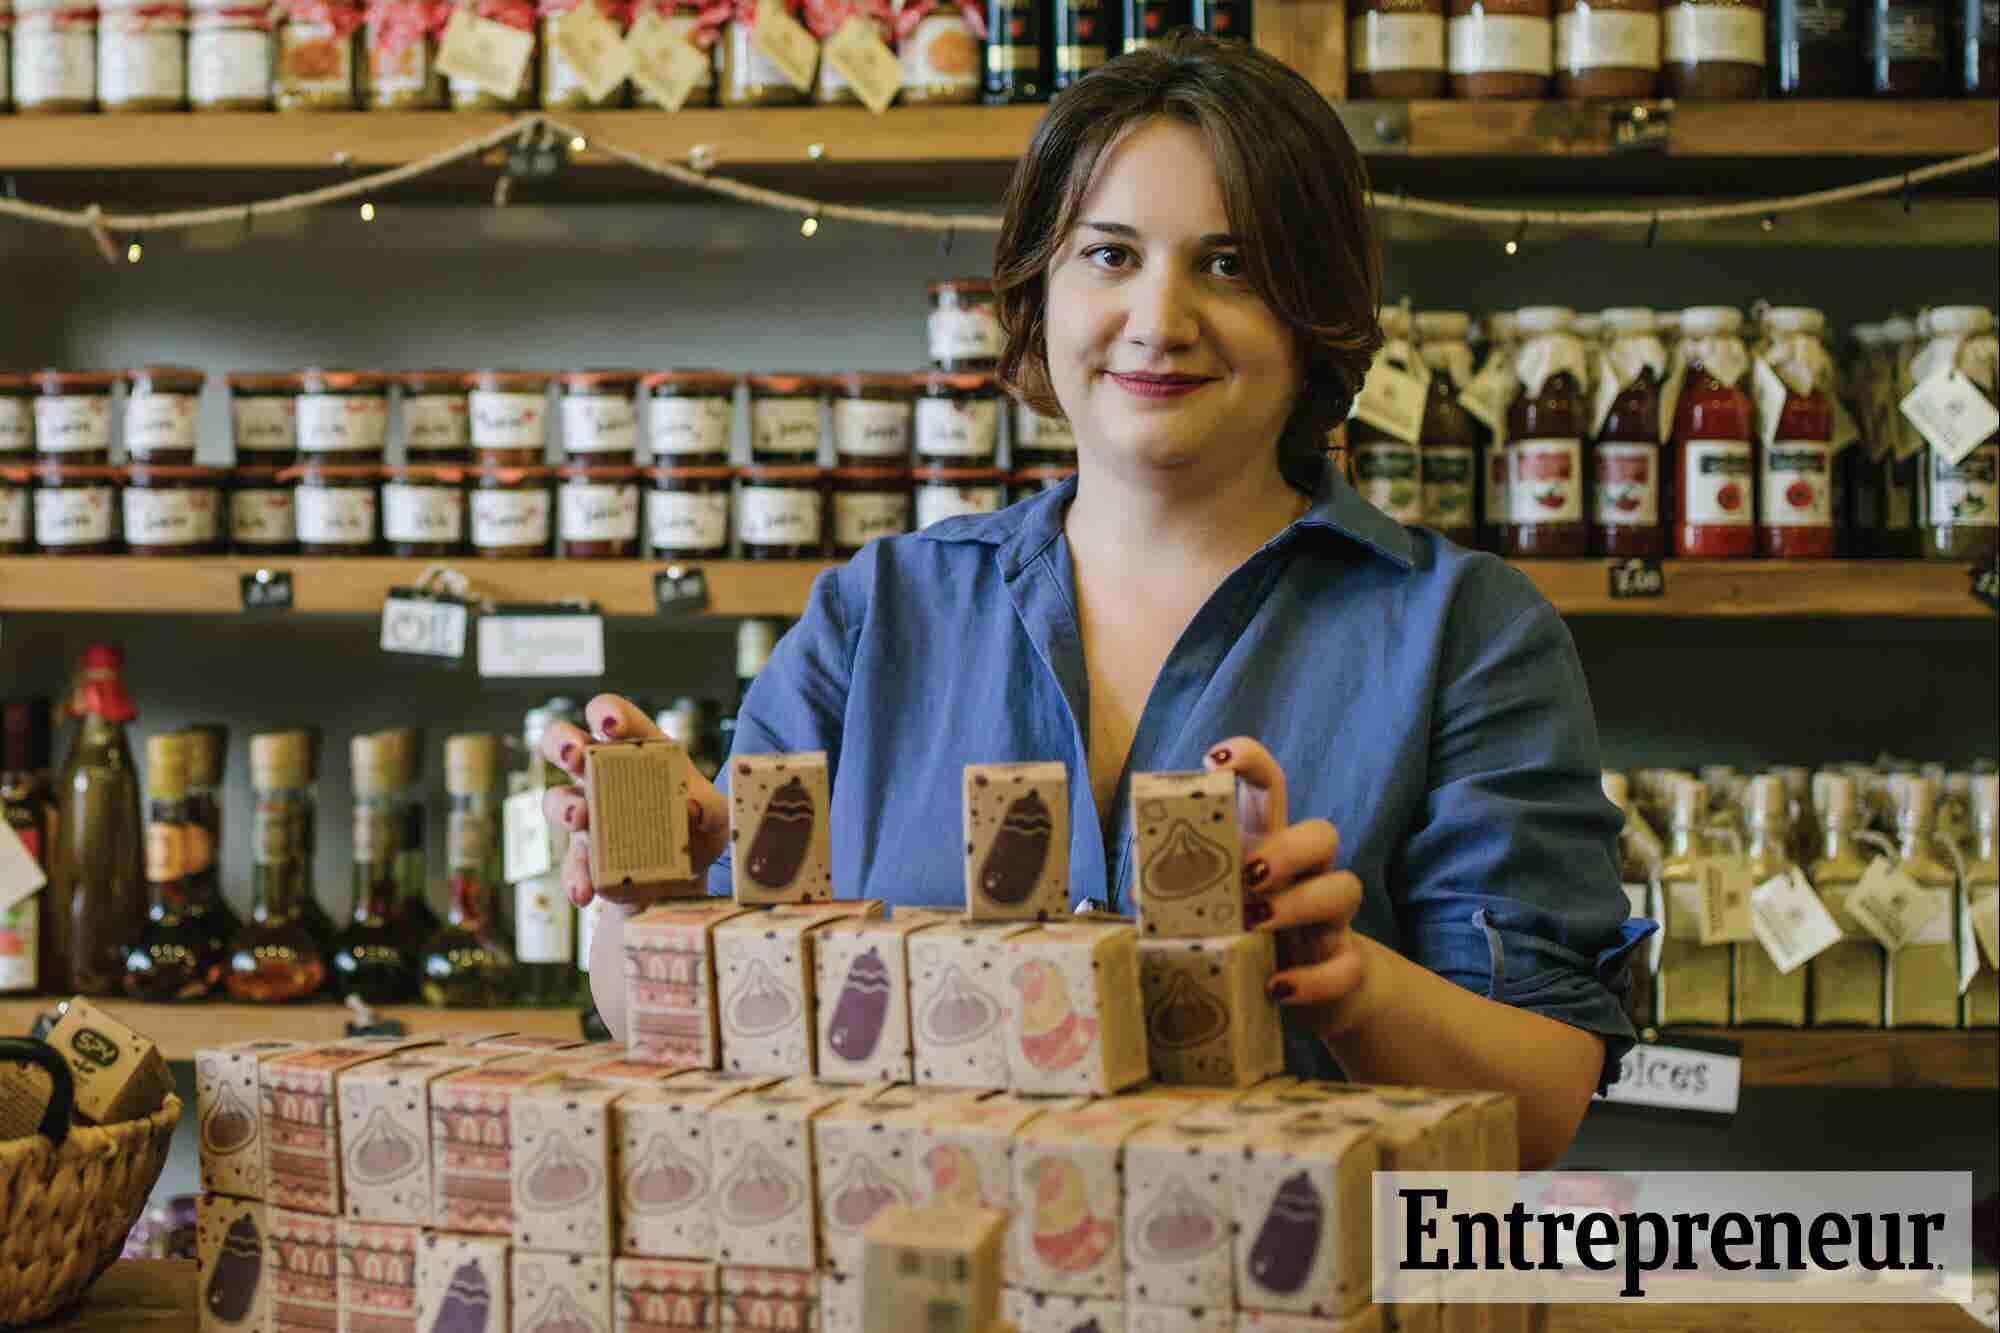 600 ლარით დაწყებული ოჯახური ბიზნესის სწრაფი ზრდის საიდუმლო